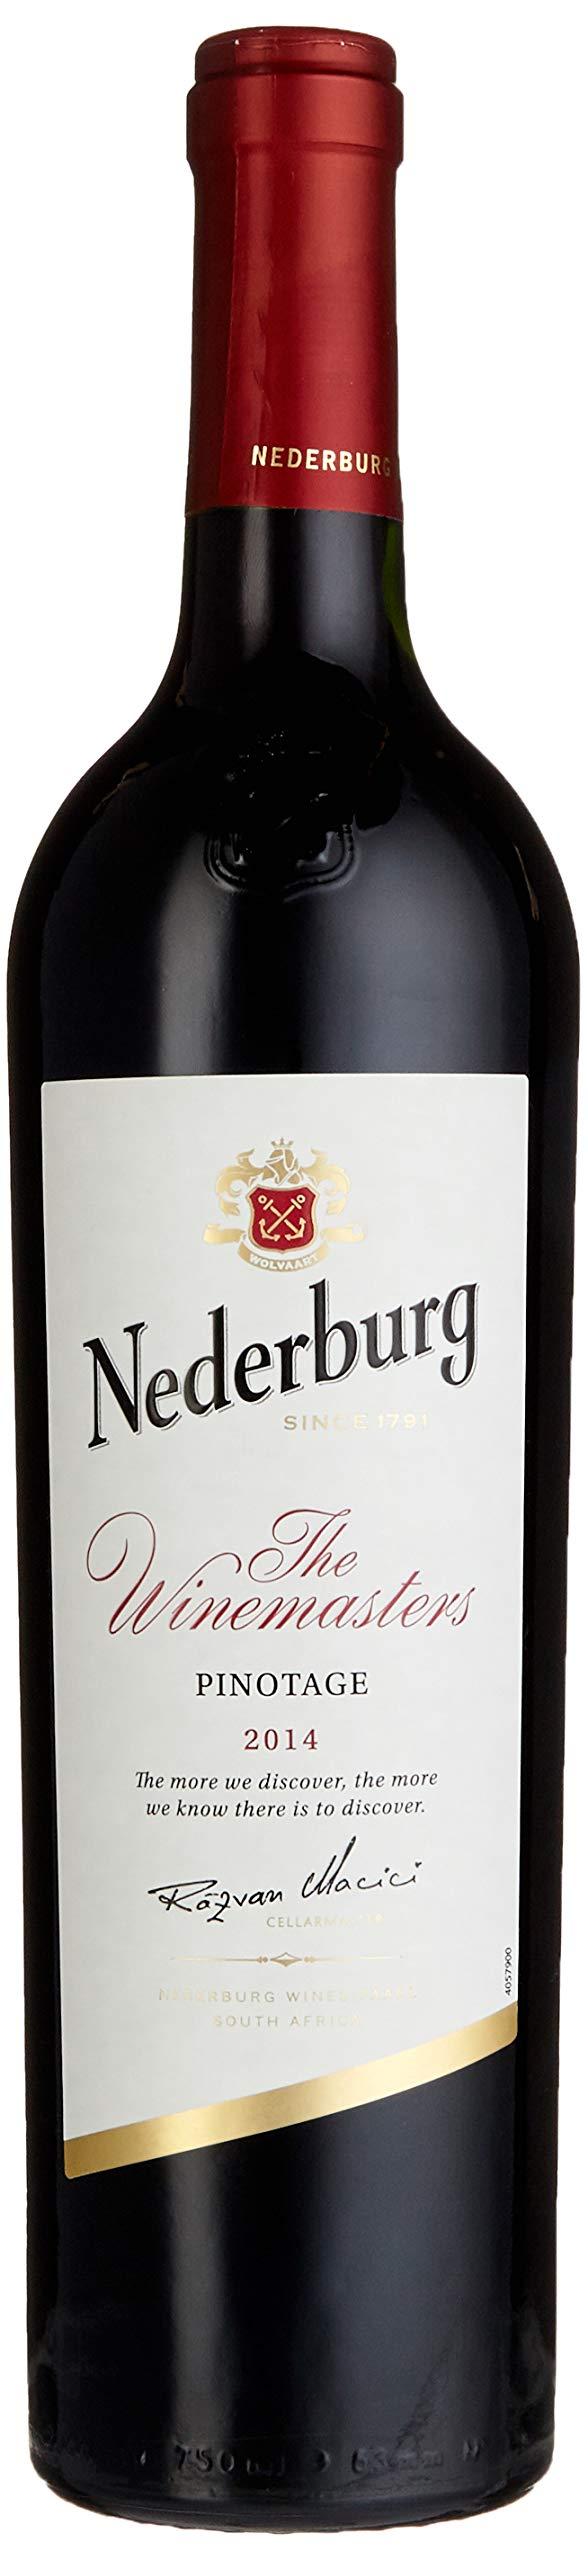 Nederburg-Pinotage-2014-Trocken-6-x-750-l